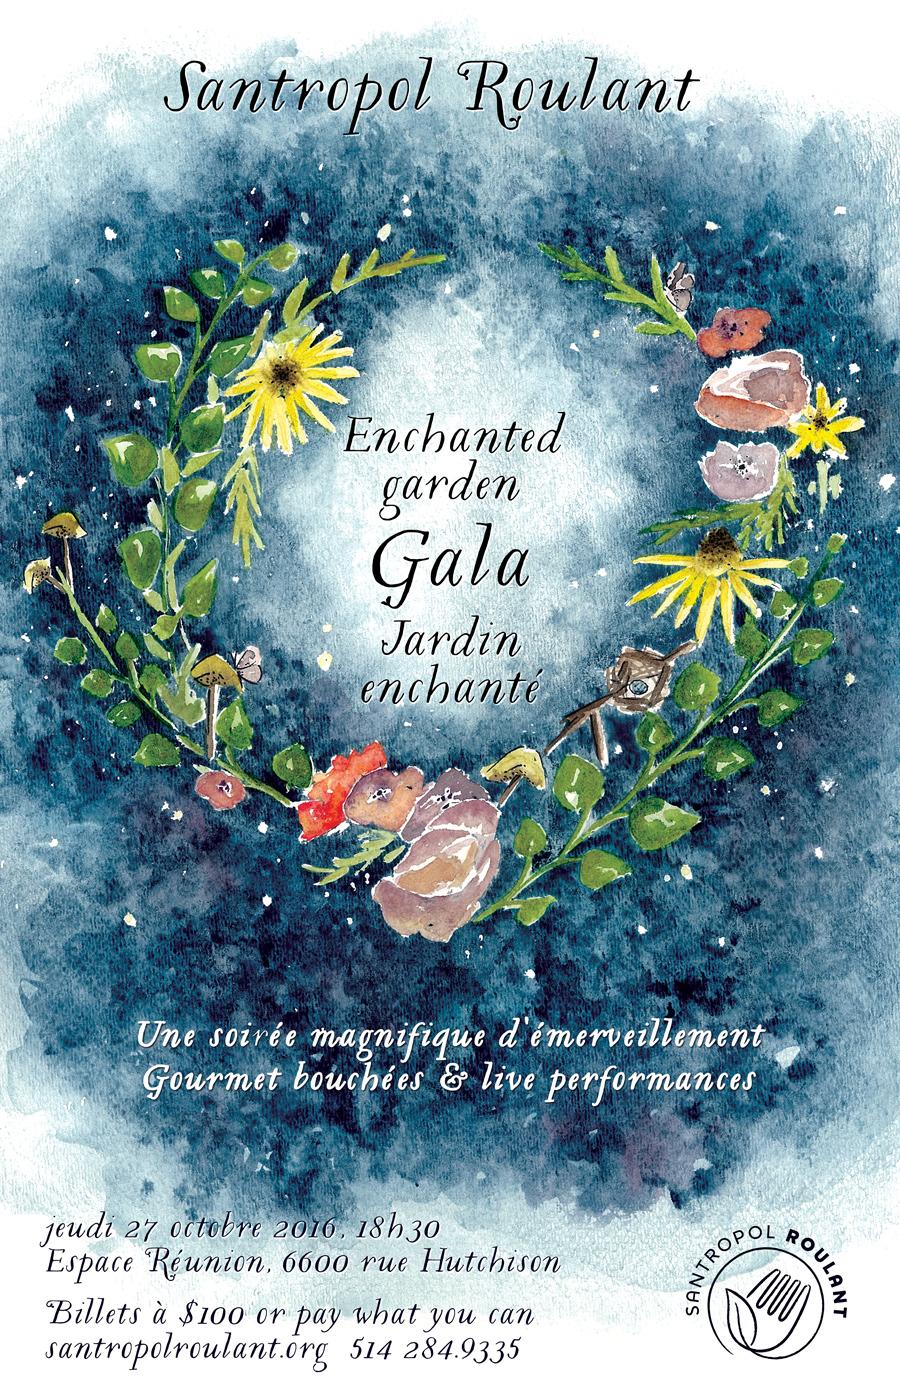 EnchantedGardenGala_2016_poster_900x1391